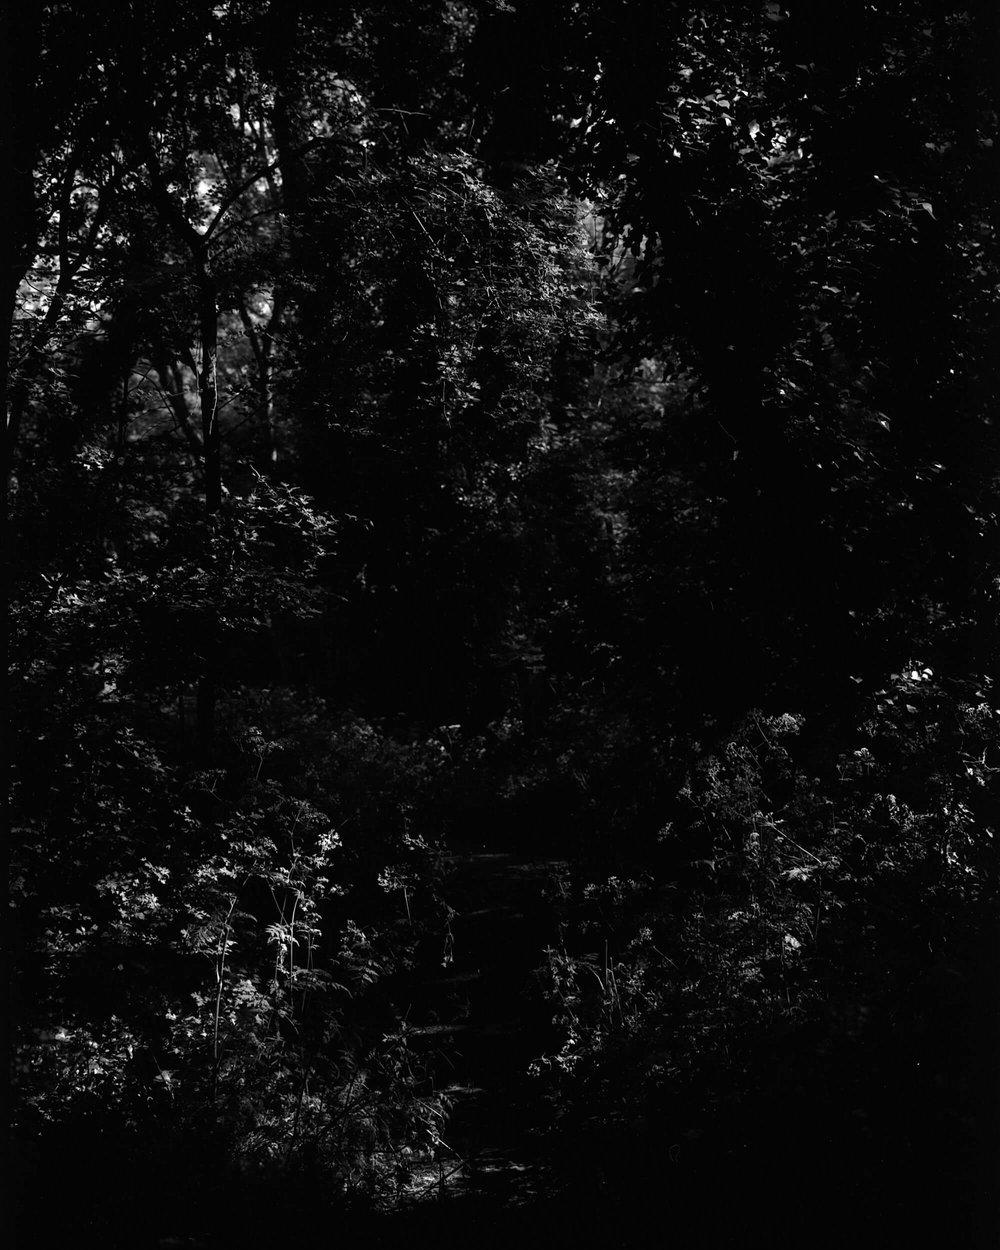 Darkness-At-Noon-4.jpg